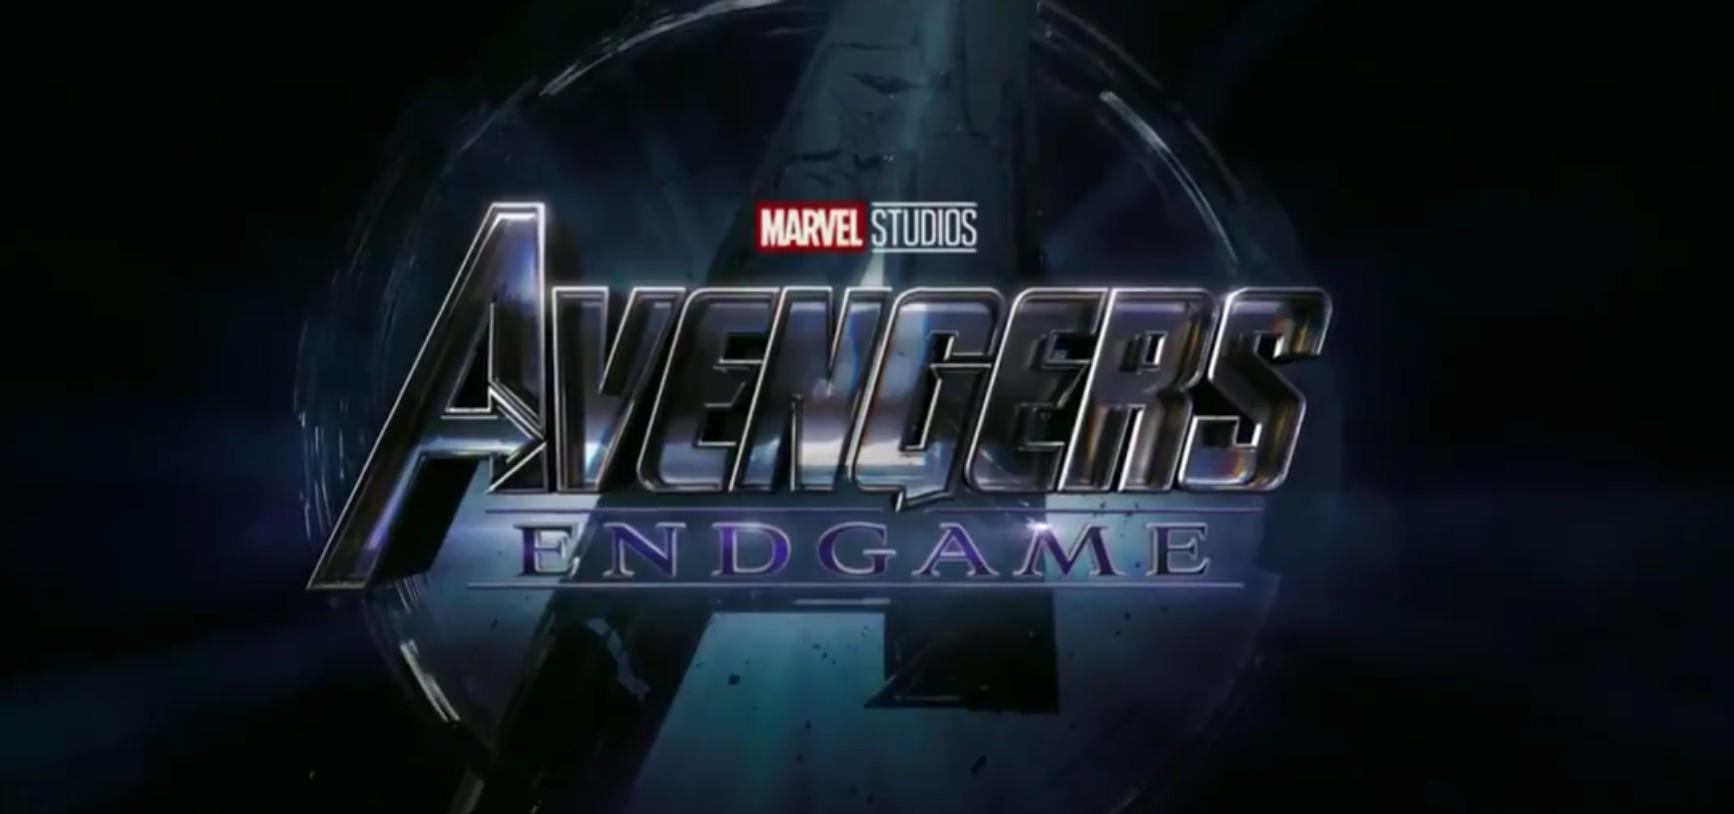 Avengers 4: EndGame [Trailer]